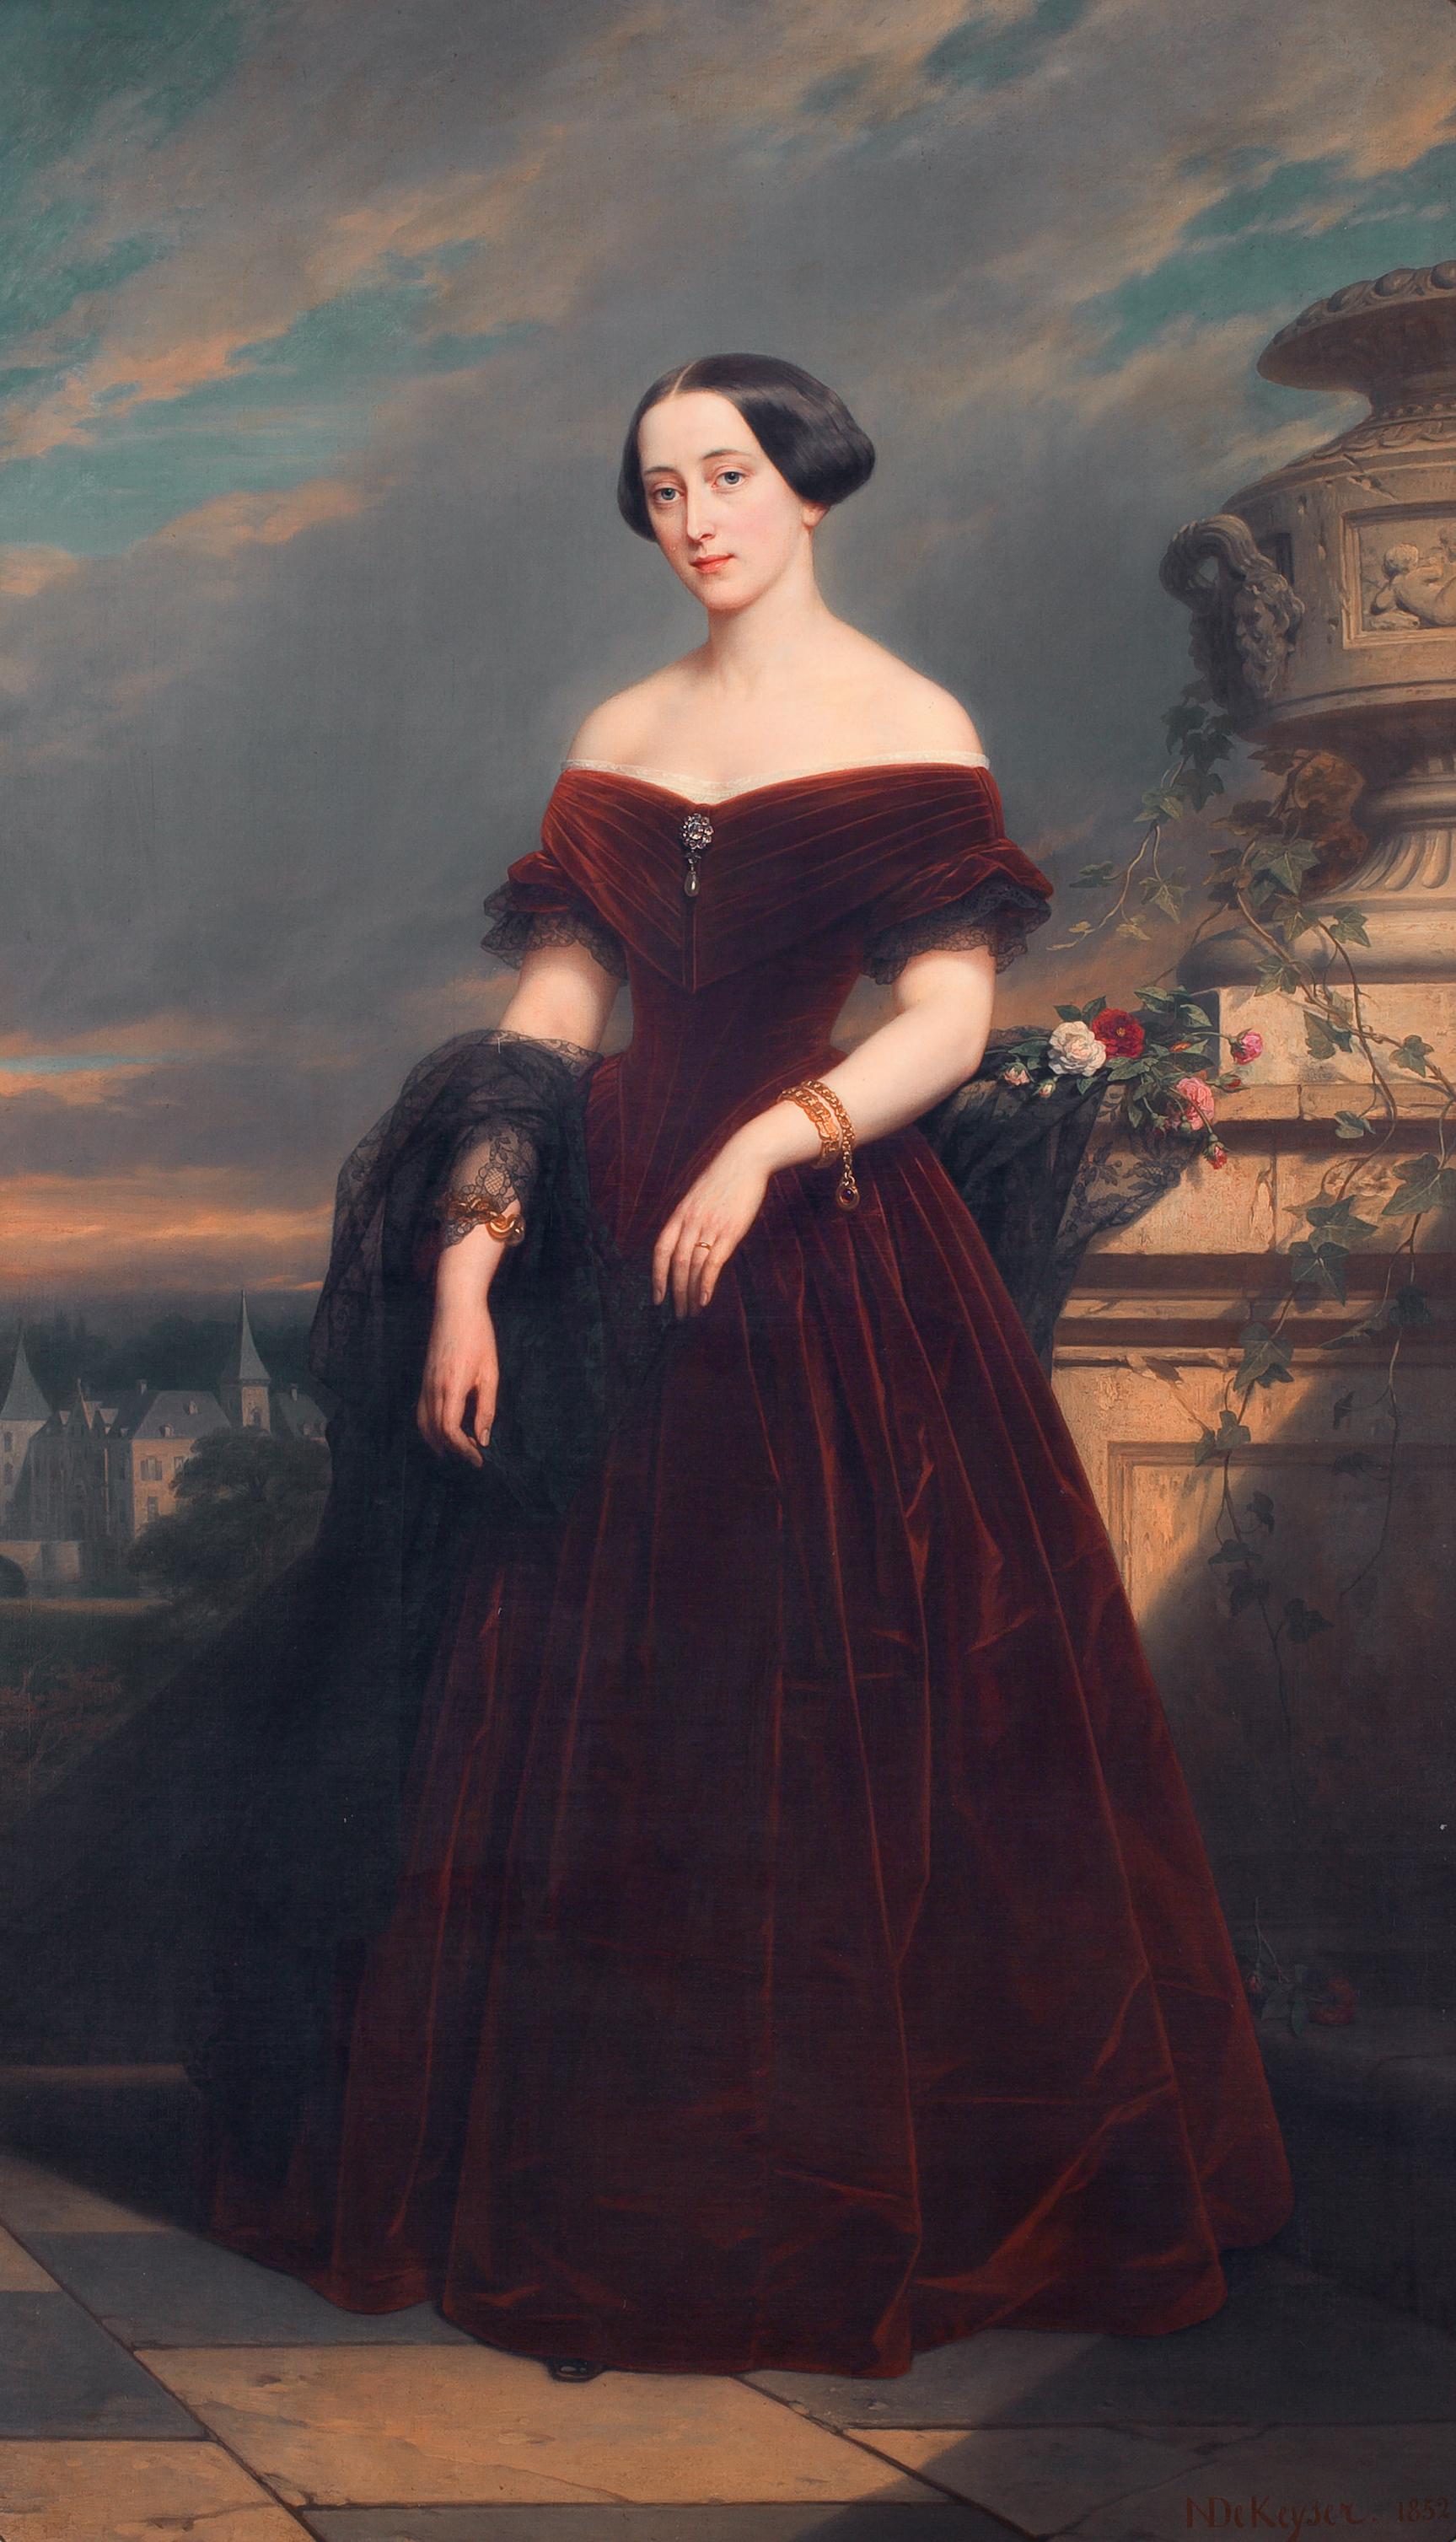 https://upload.wikimedia.org/wikipedia/commons/6/68/Isabelle_Antoinette_Barones_Sloet_van_Toutenburg%2C_by_Nicaise_De_Keyser.jpg